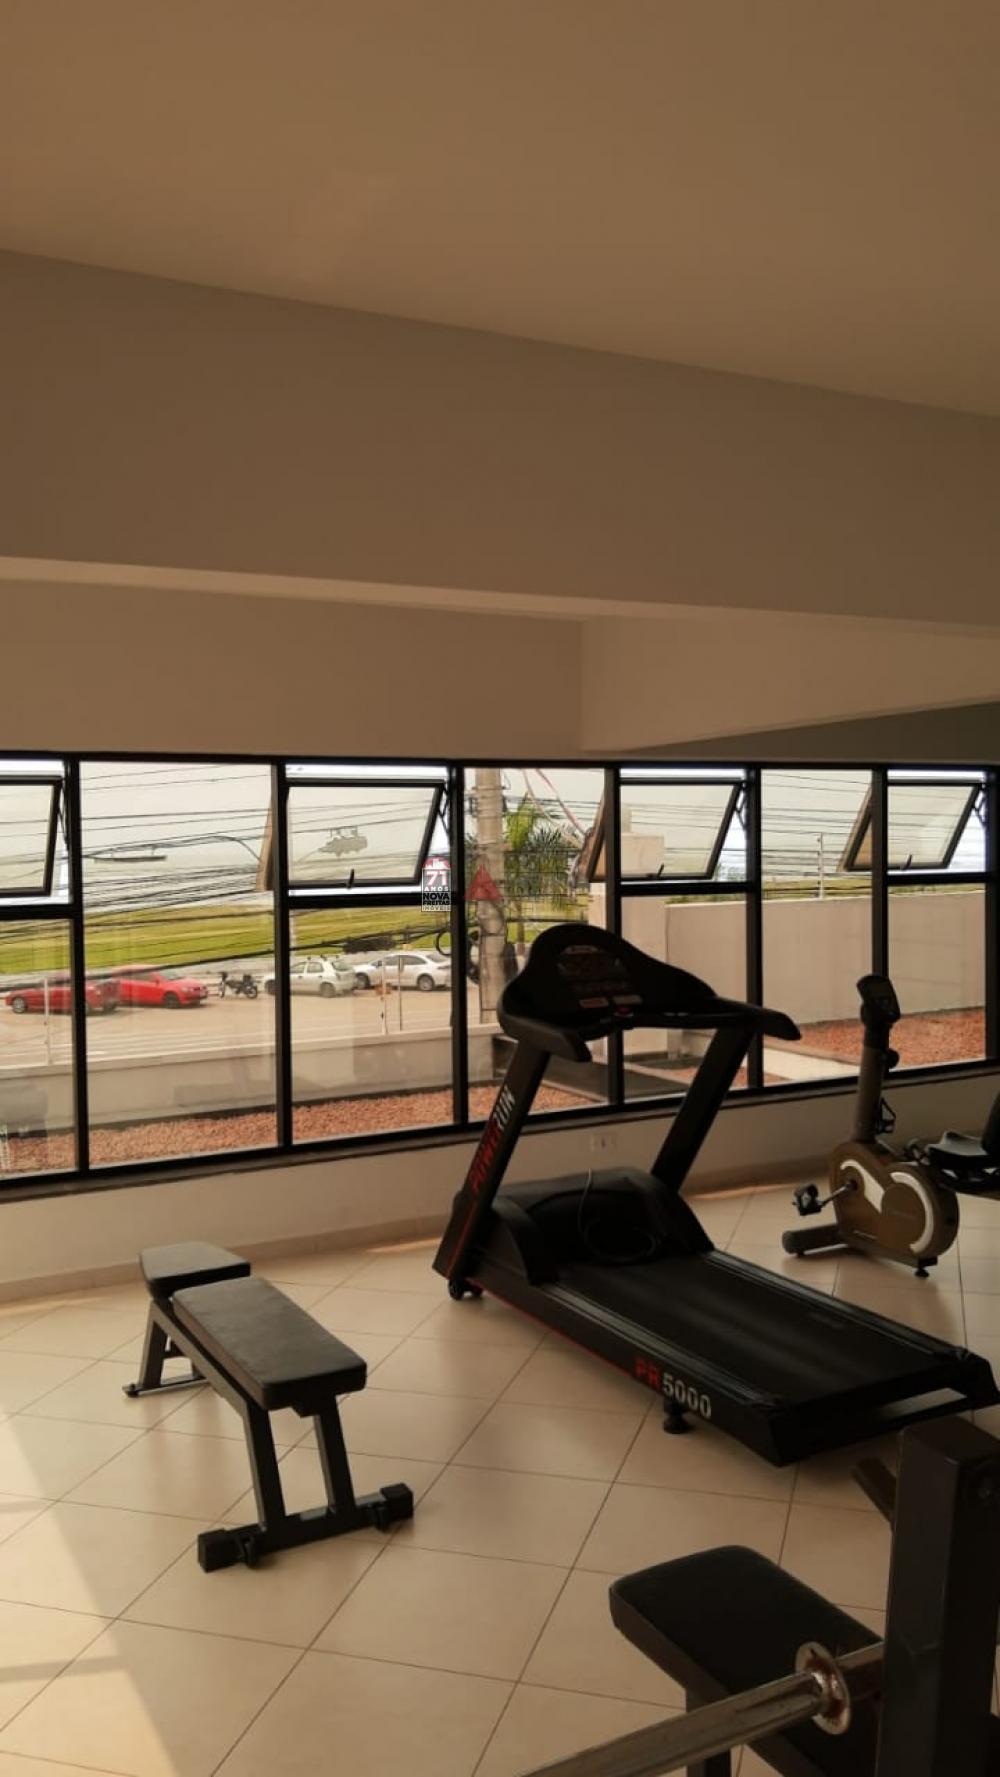 Comprar Apartamento / Padrão em Caraguatatuba apenas R$ 950.000,00 - Foto 32